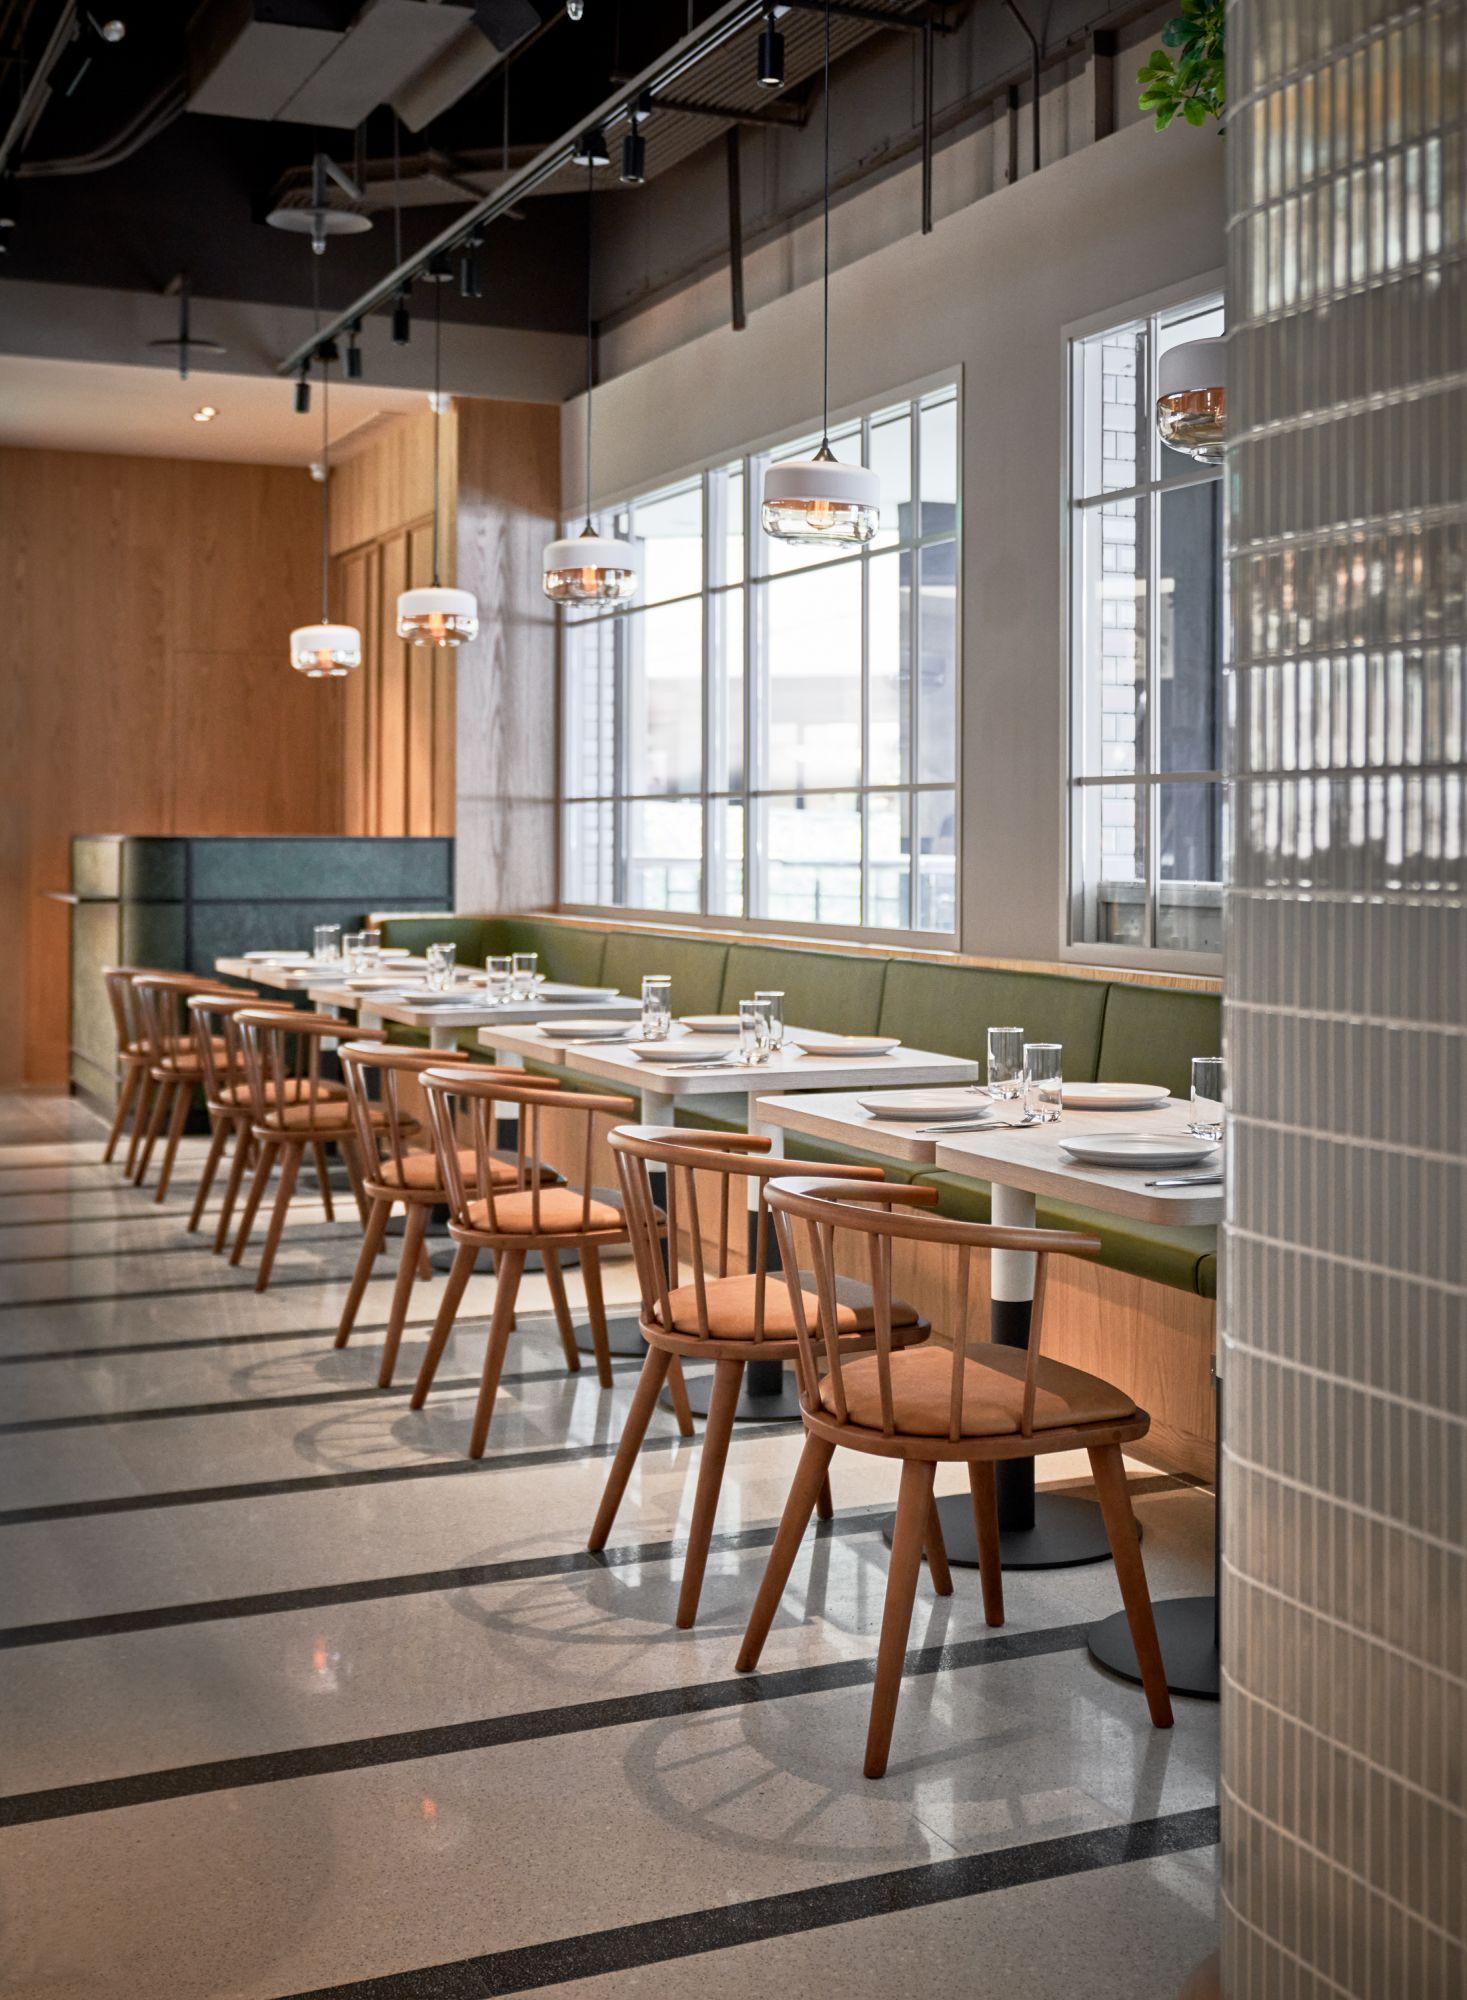 信義區早午餐再加一!人氣咖啡廳「M One Café」插旗新光A11